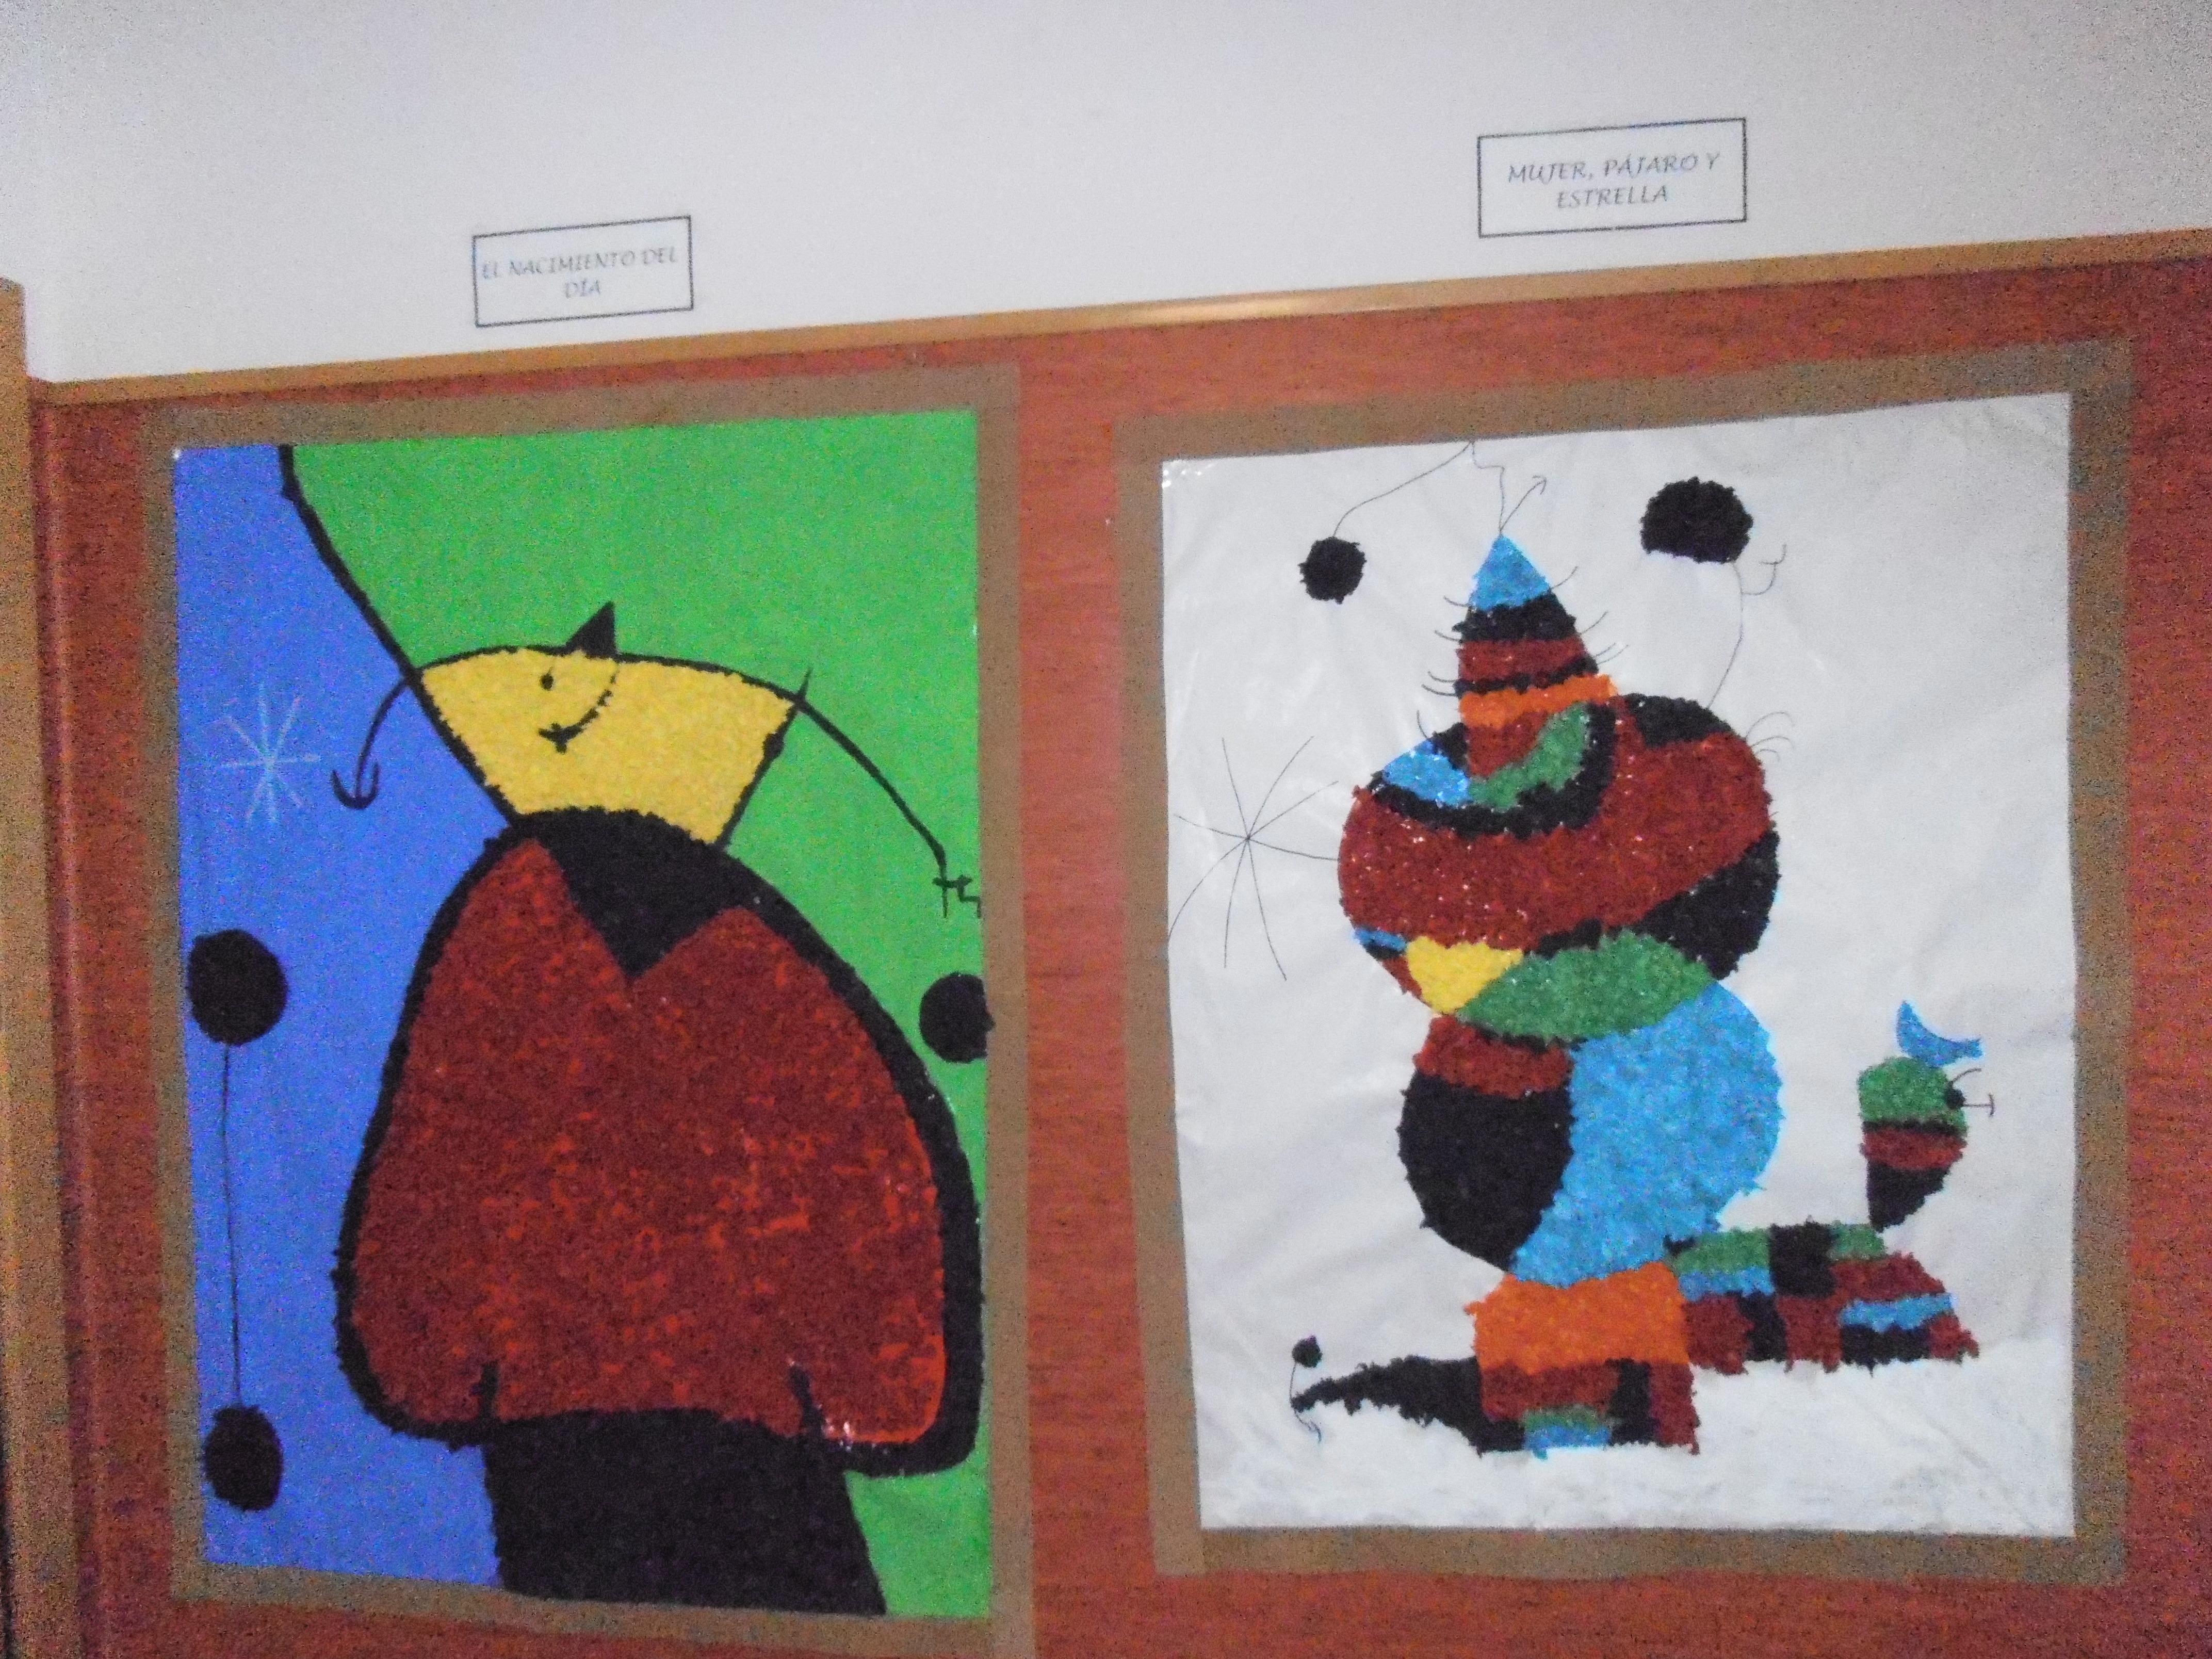 Pintores en Educación Infantil 2